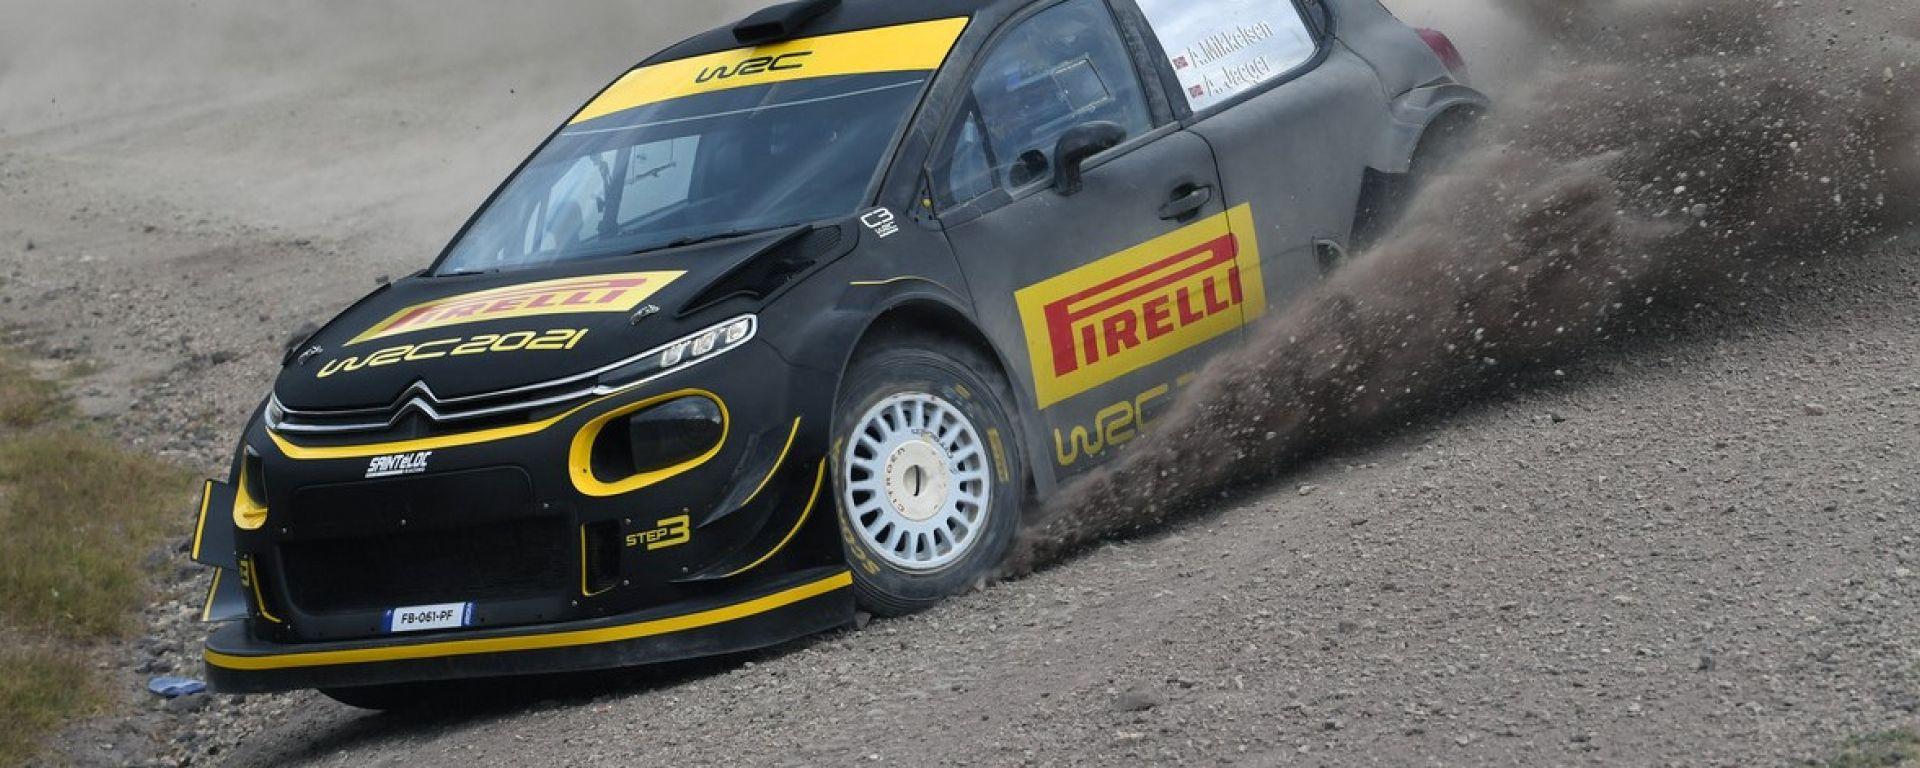 WRC, Rally Italia 2020: la Citroen C3 di Andreas Mikkelsen con livrea Pirelli